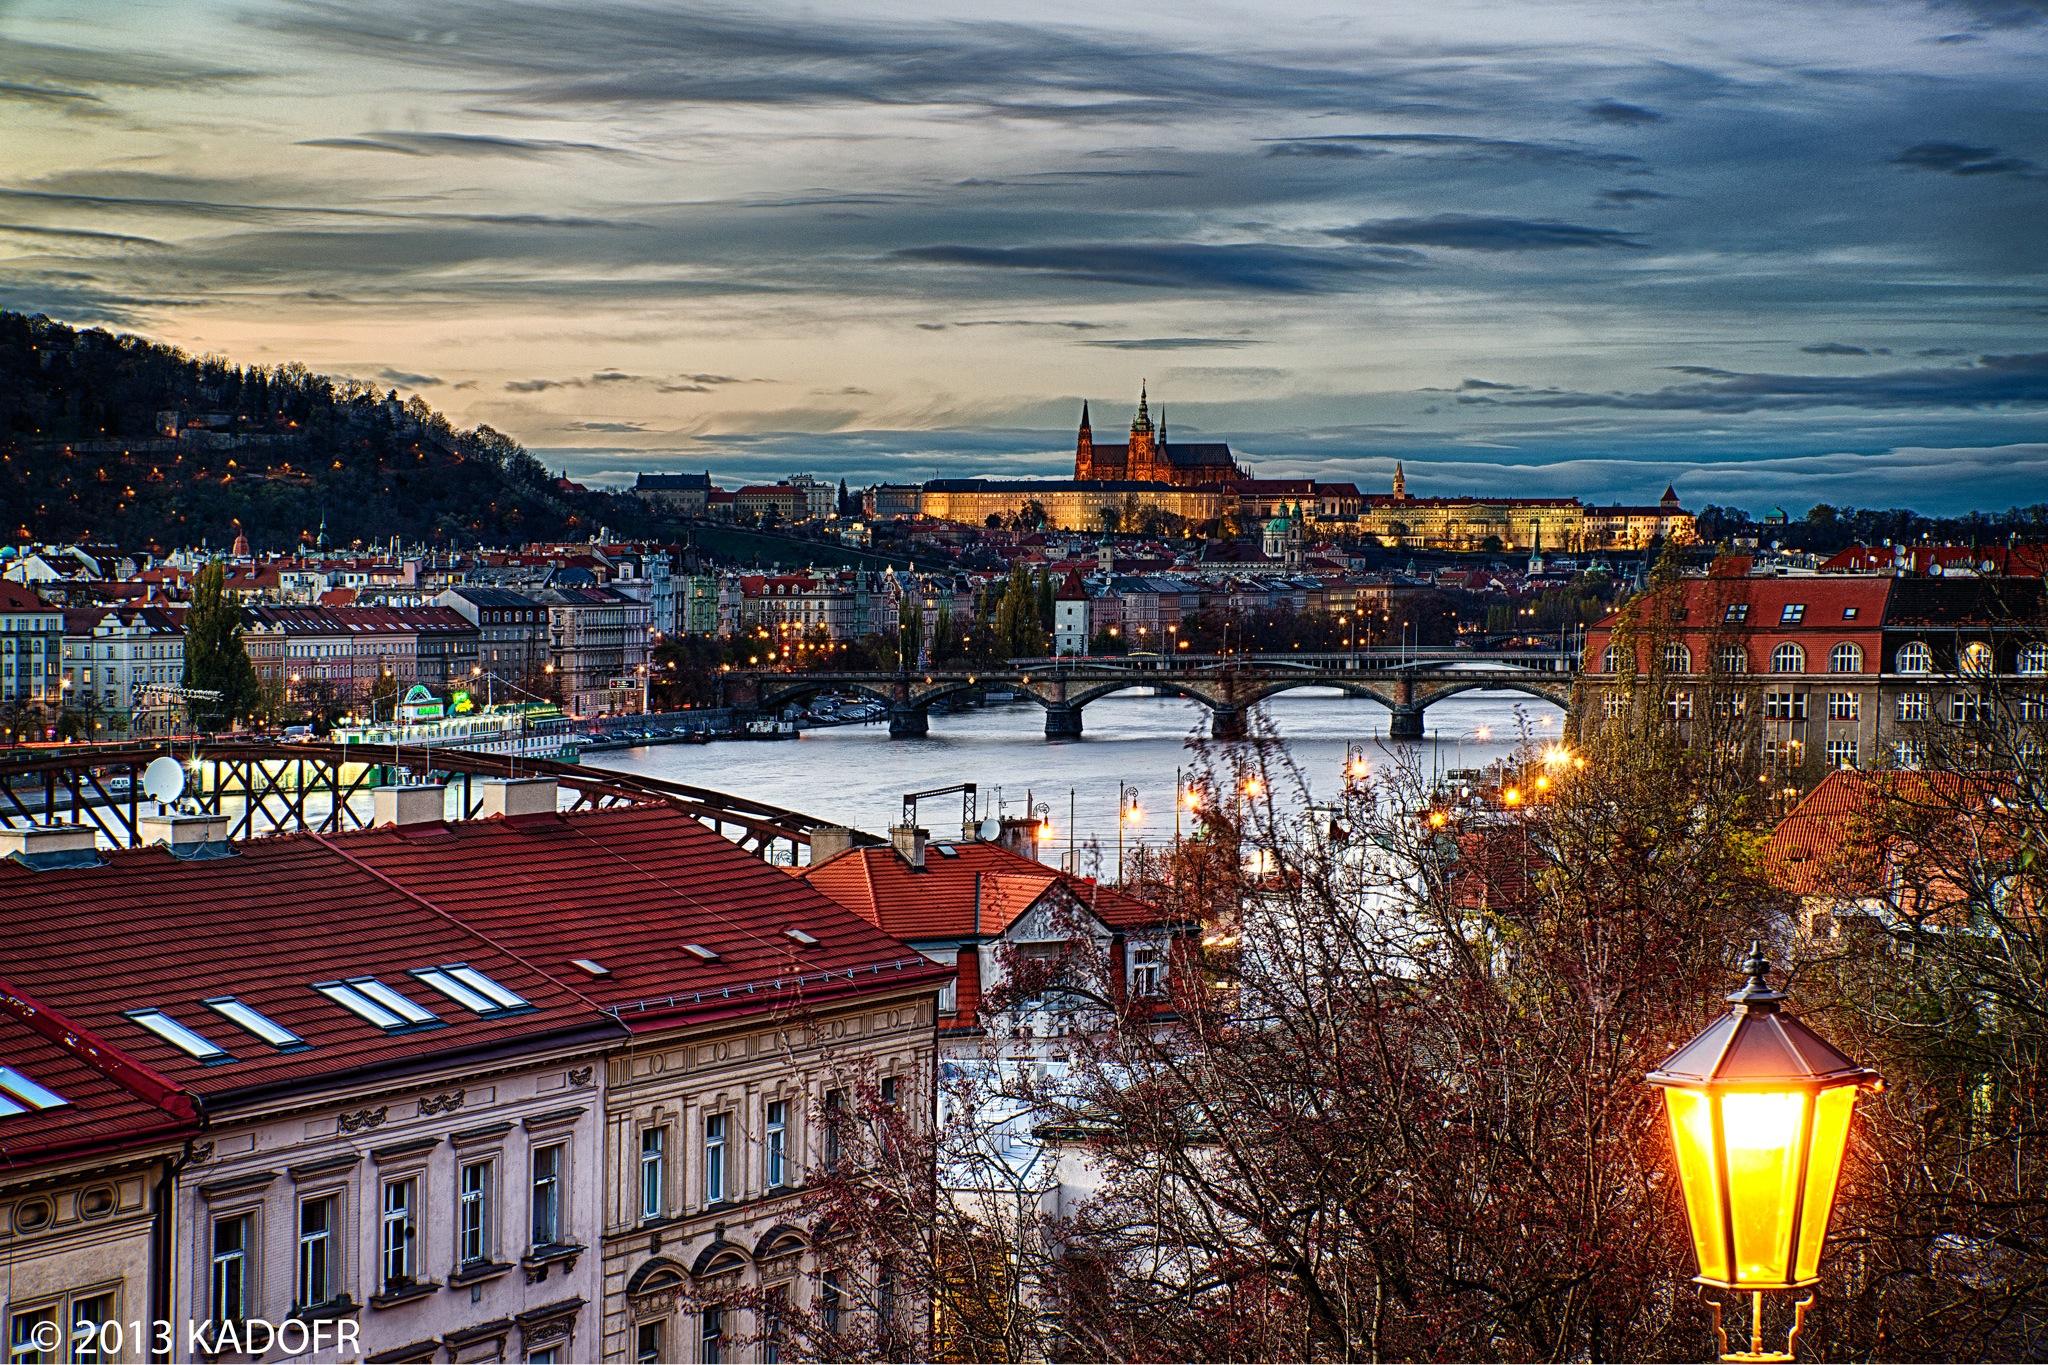 Od pradávná se vedou spory, který z těch pražských hradů byl vlastně první. Kde historie staroslavného města vlastně začala. - (Foto: Karel Dobeš)